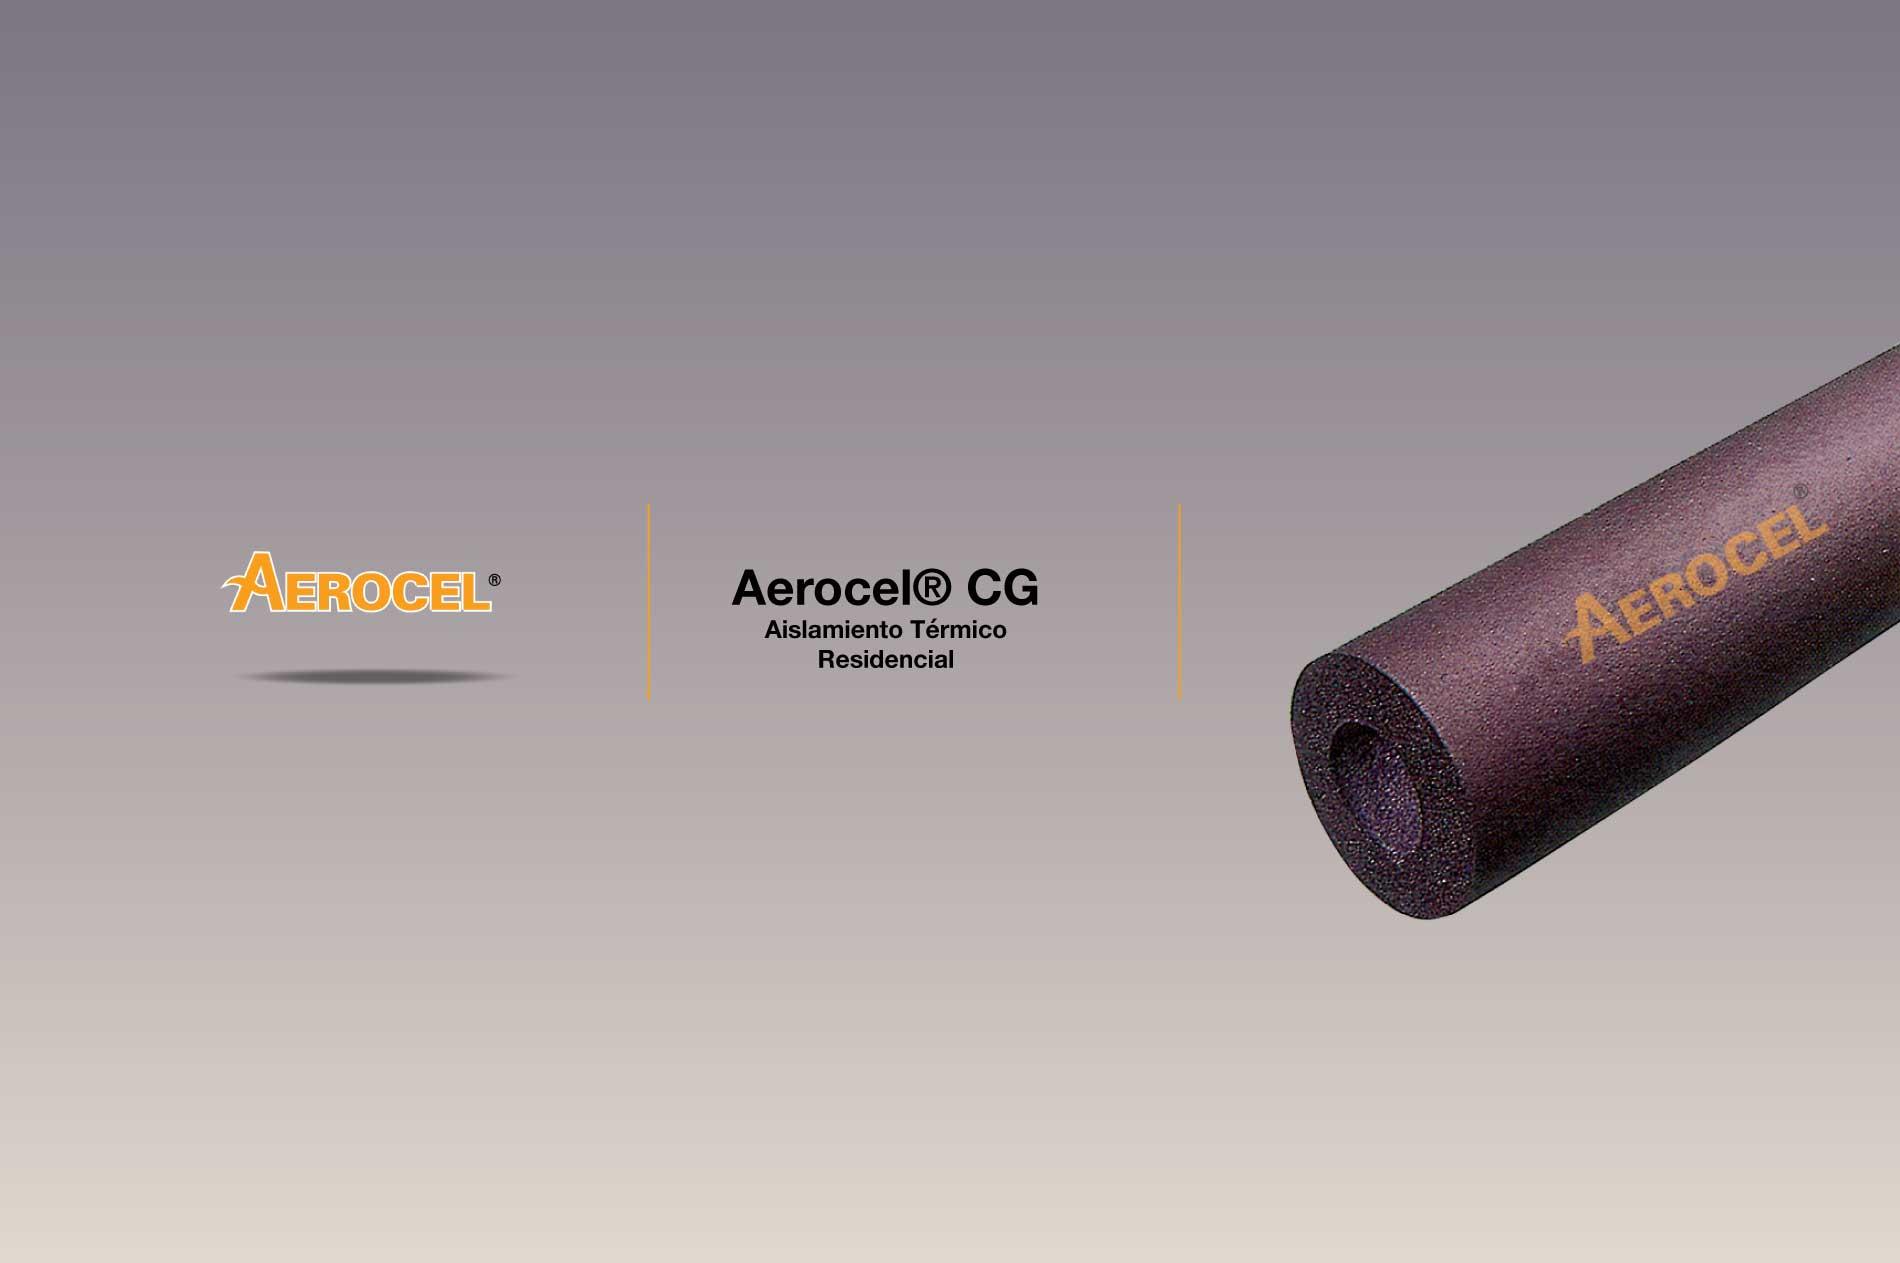 El aislante Aerocel® CG Tube, en forma tubular sin luz, se puede deslizar en la tubería antes de conectarlo. También se puede cortar a lo largo y colocarse sobre tuberías que ya están conectadas. Todas las costuras longitudinales deben sellarse con adhesivo de contacto Aeroseal.